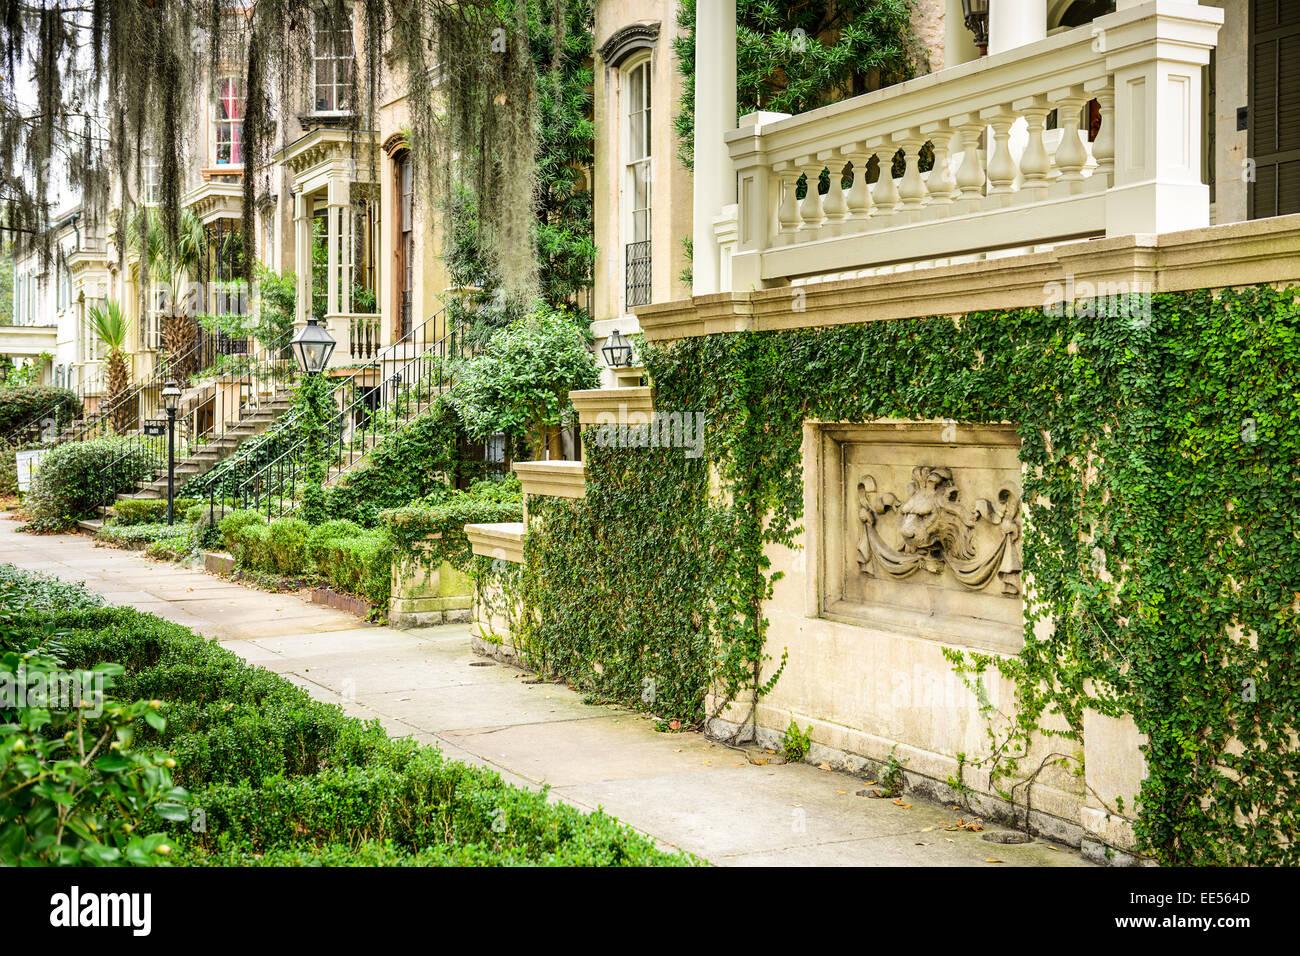 Straßenszene in Savannah, Georgia, USA. Stockbild